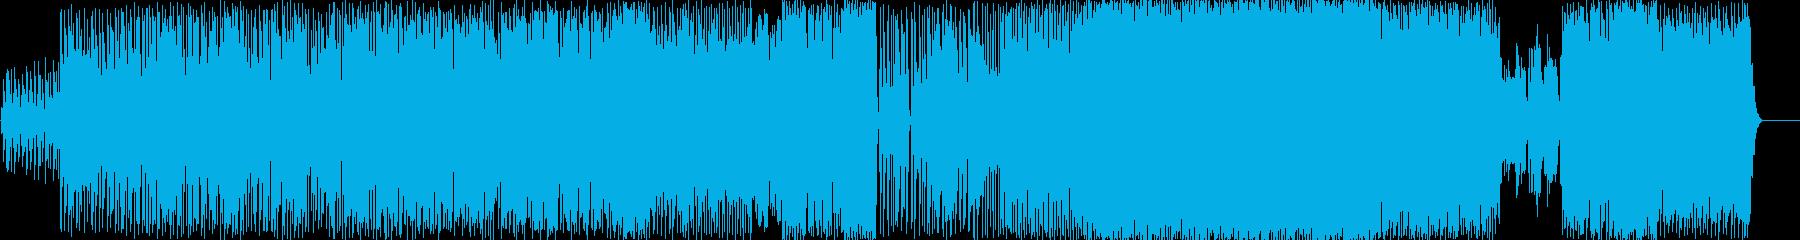 5Gの再生済みの波形